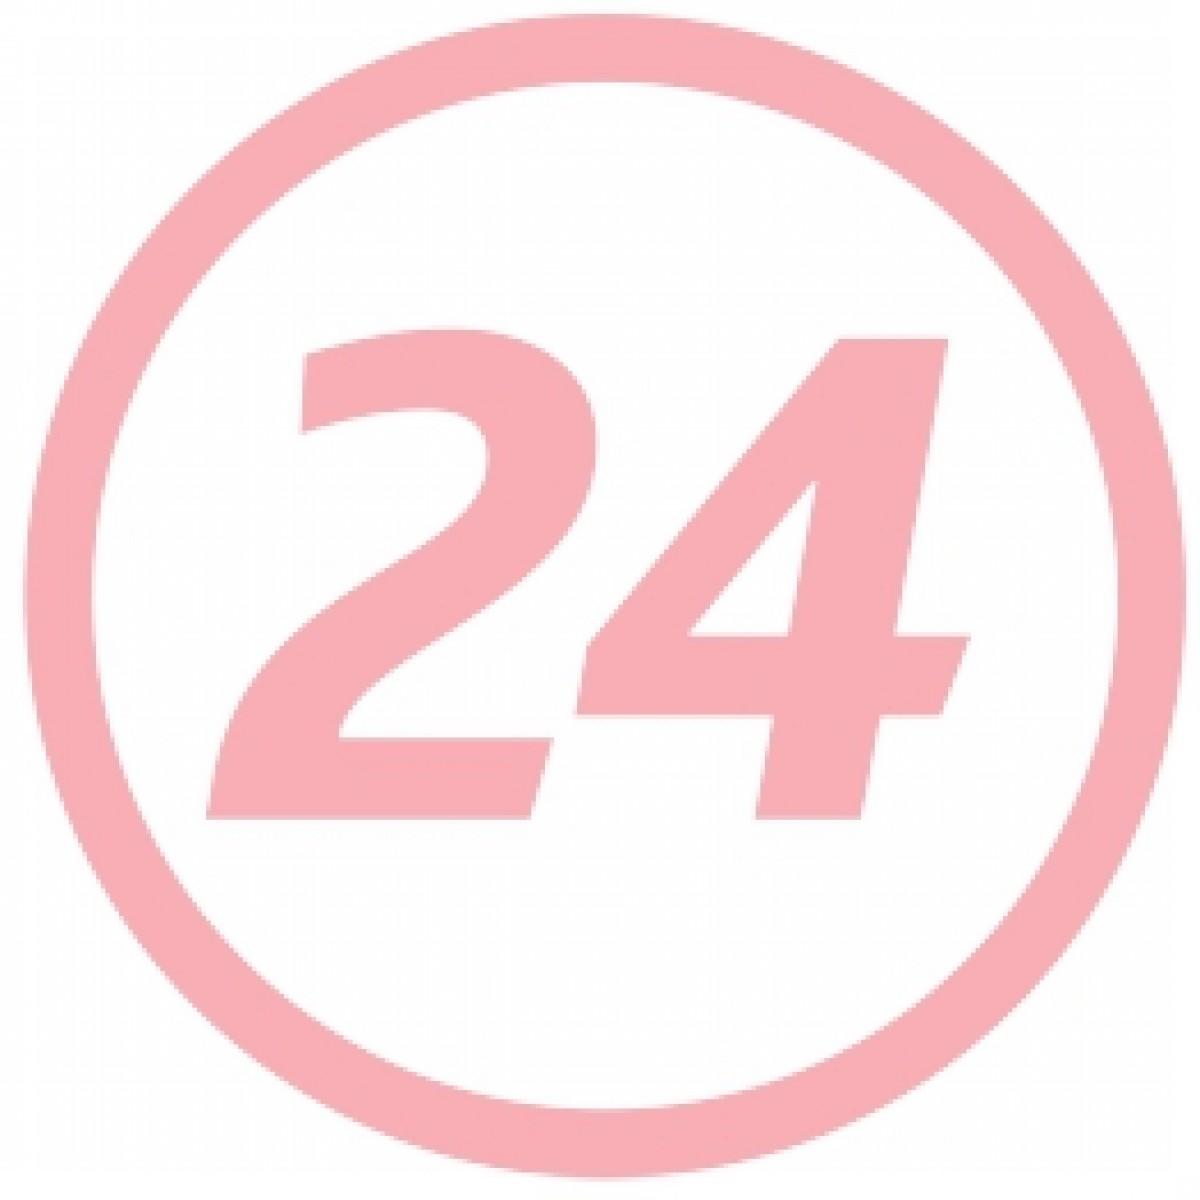 Alka-Seltzer 324 mg, 10 comprimate efervescente